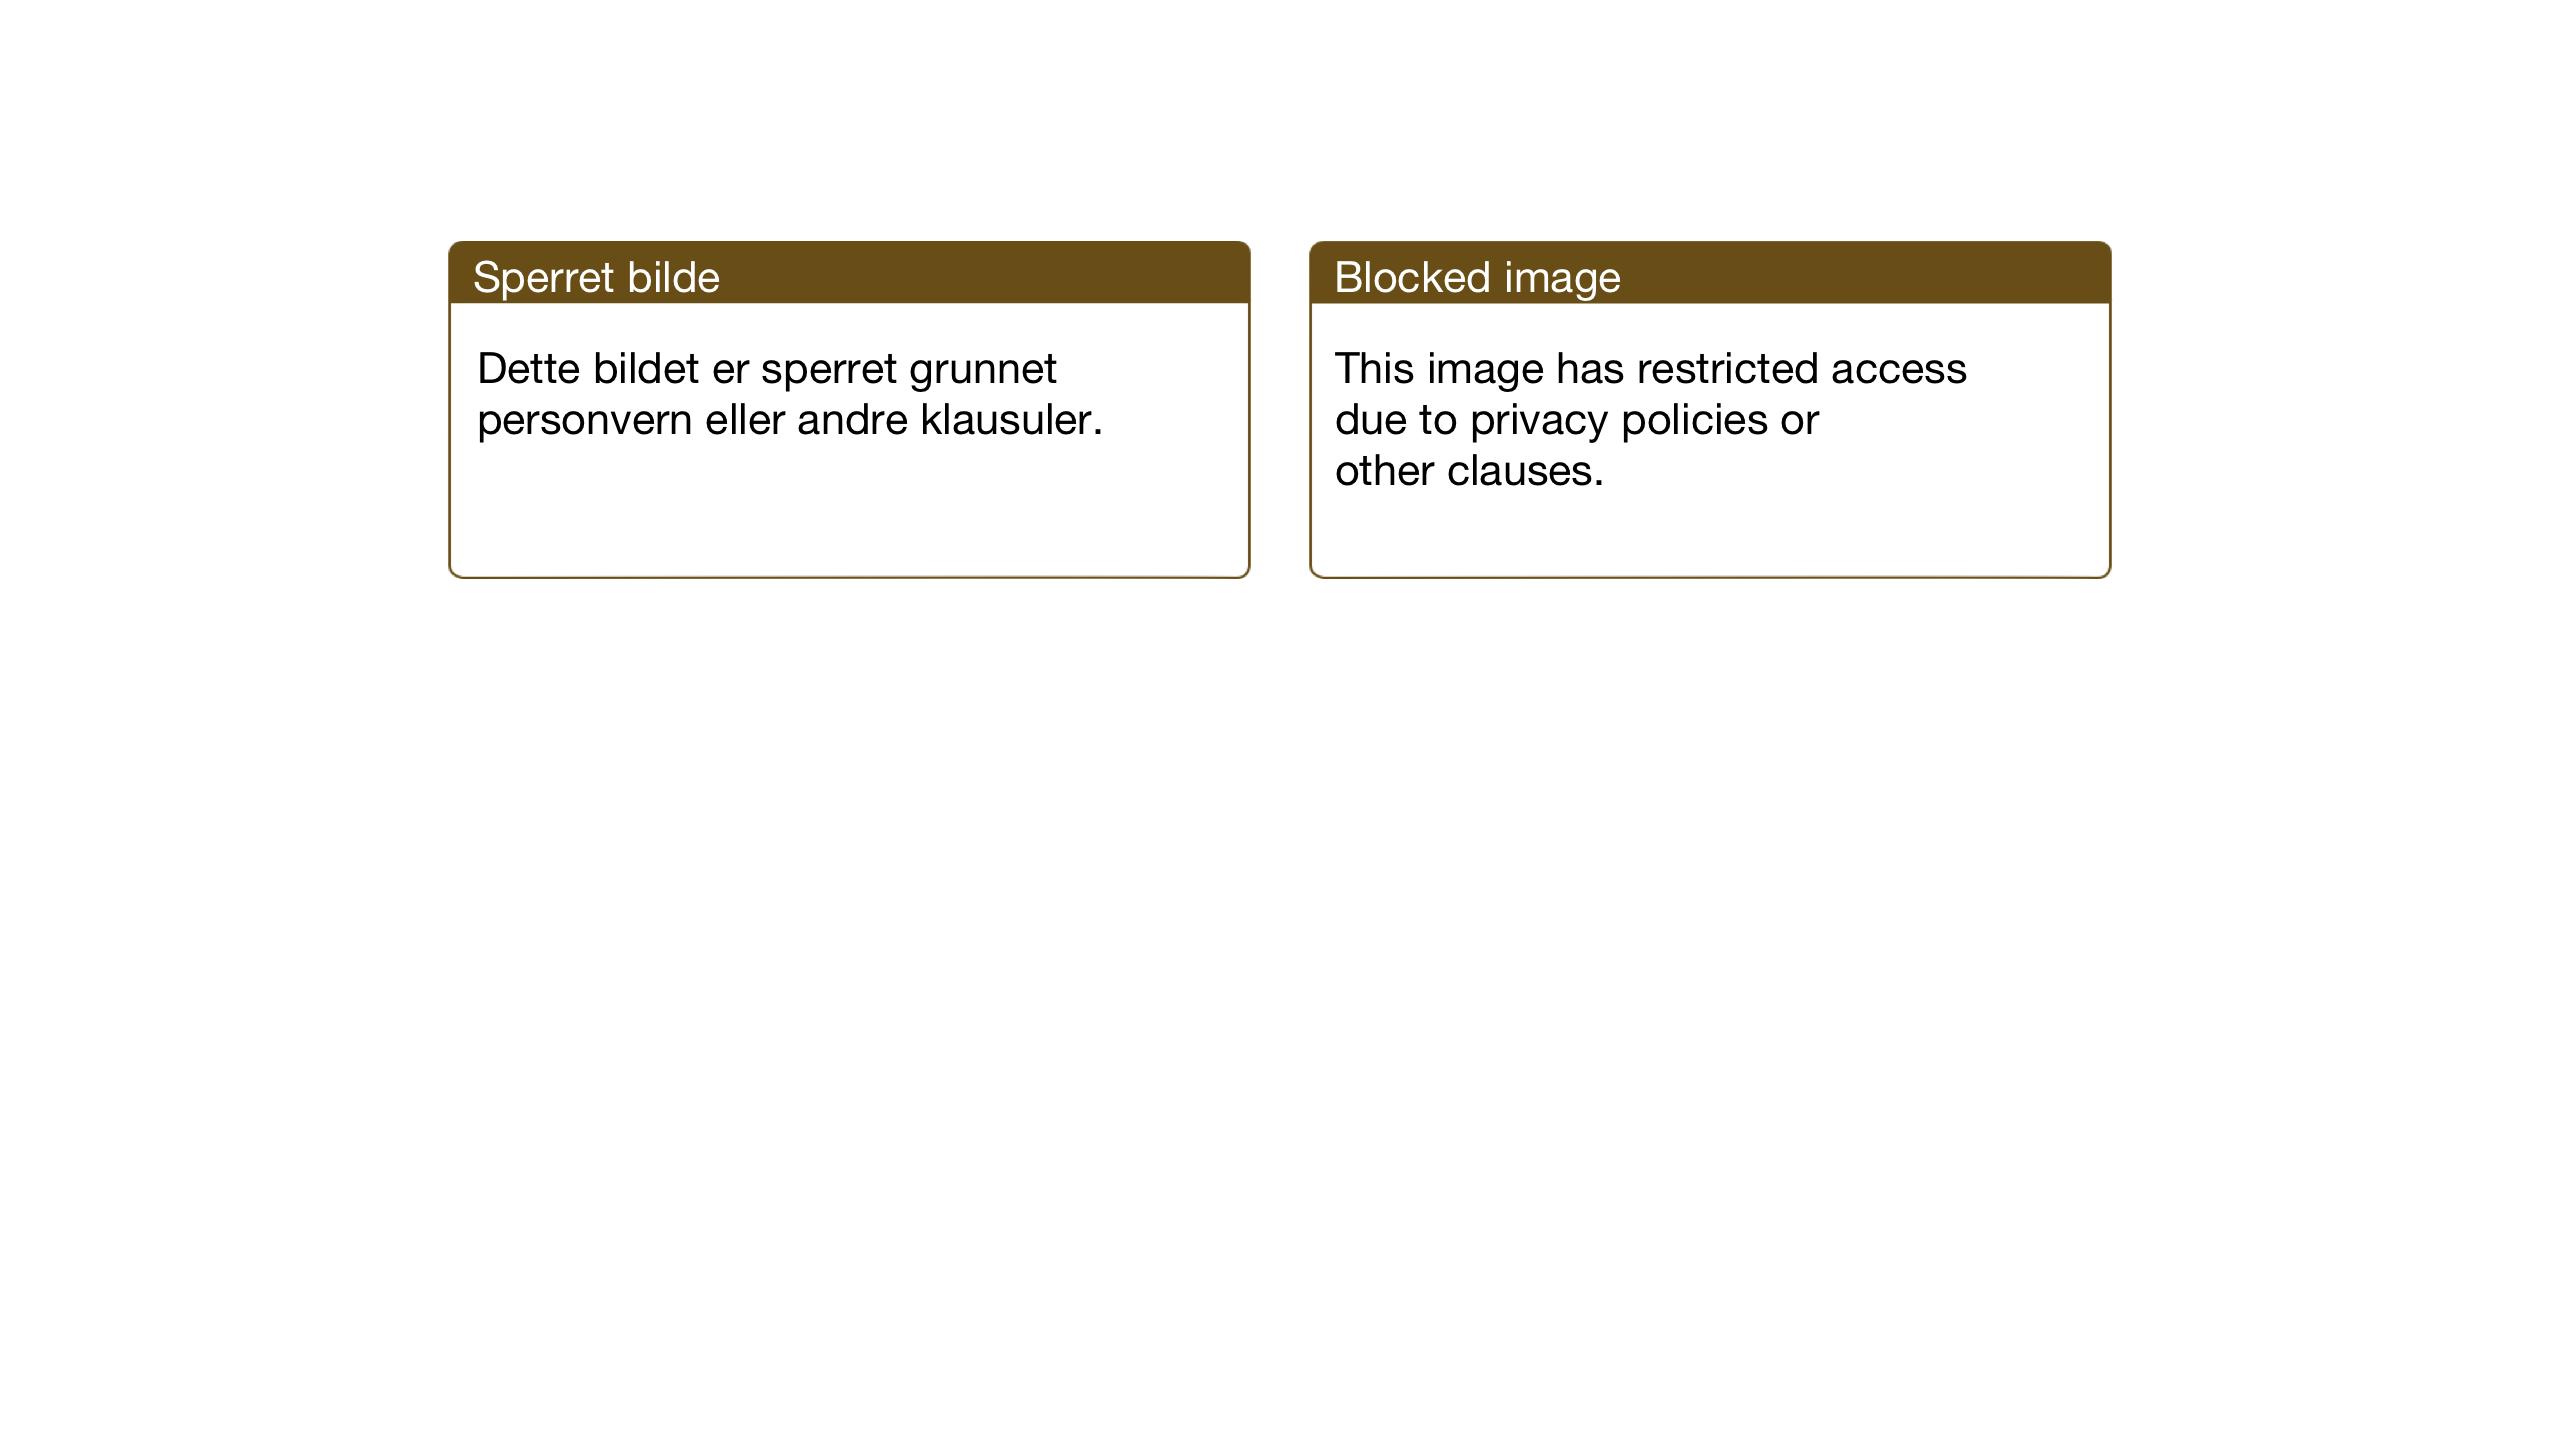 SAT, Ministerialprotokoller, klokkerbøker og fødselsregistre - Sør-Trøndelag, 607/L0328: Klokkerbok nr. 607C02, 1940-1948, s. 108